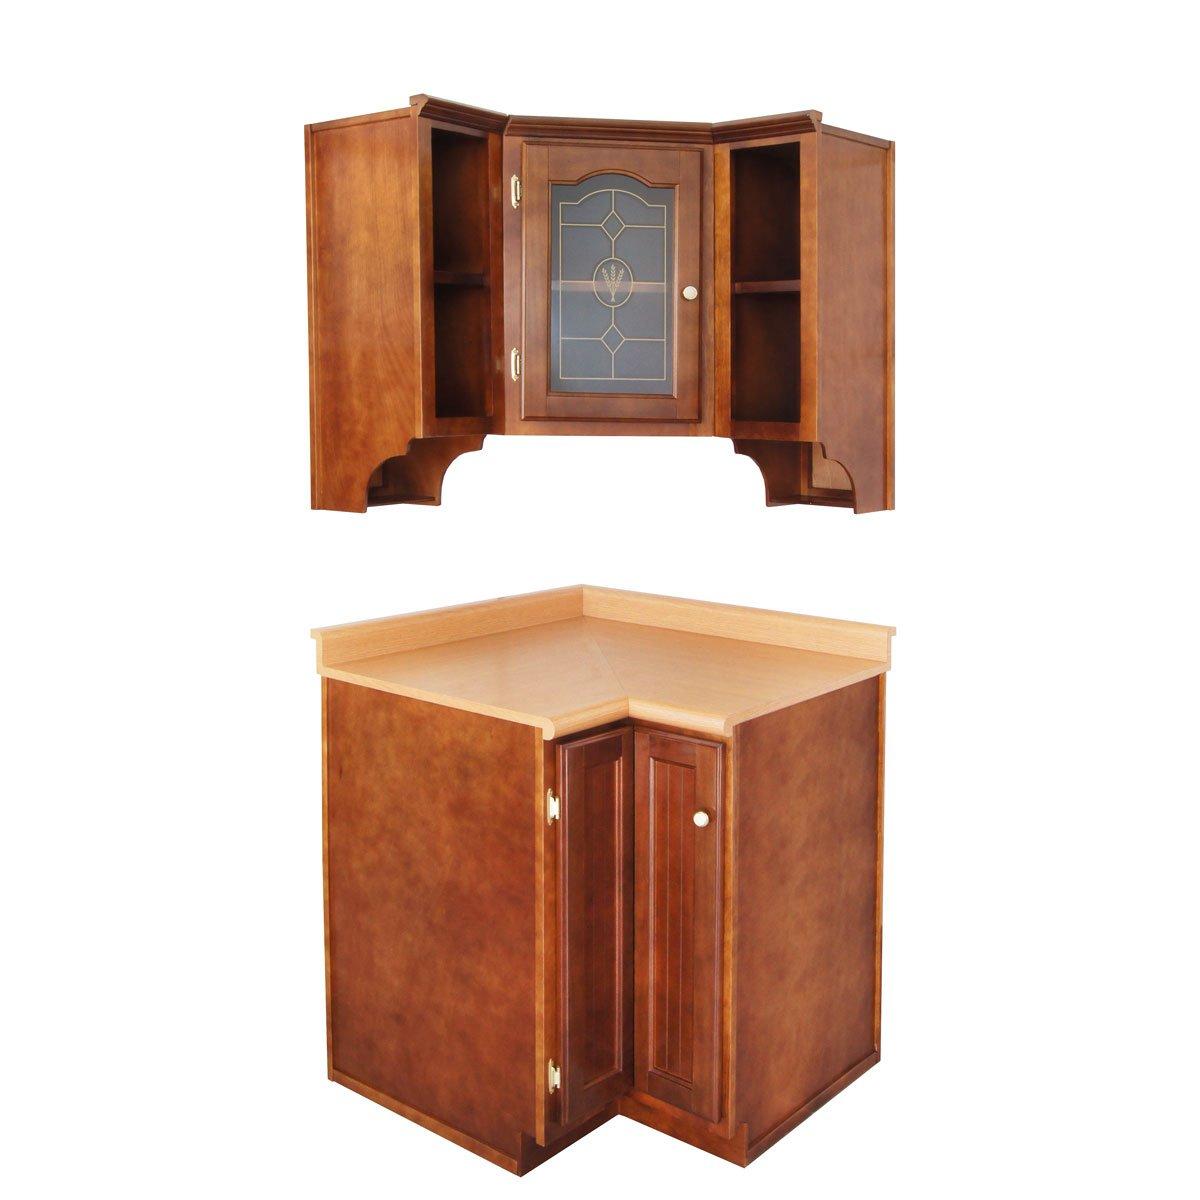 Muebles new challenge obtenga ideas dise o de muebles - Muebles buenaventura ...